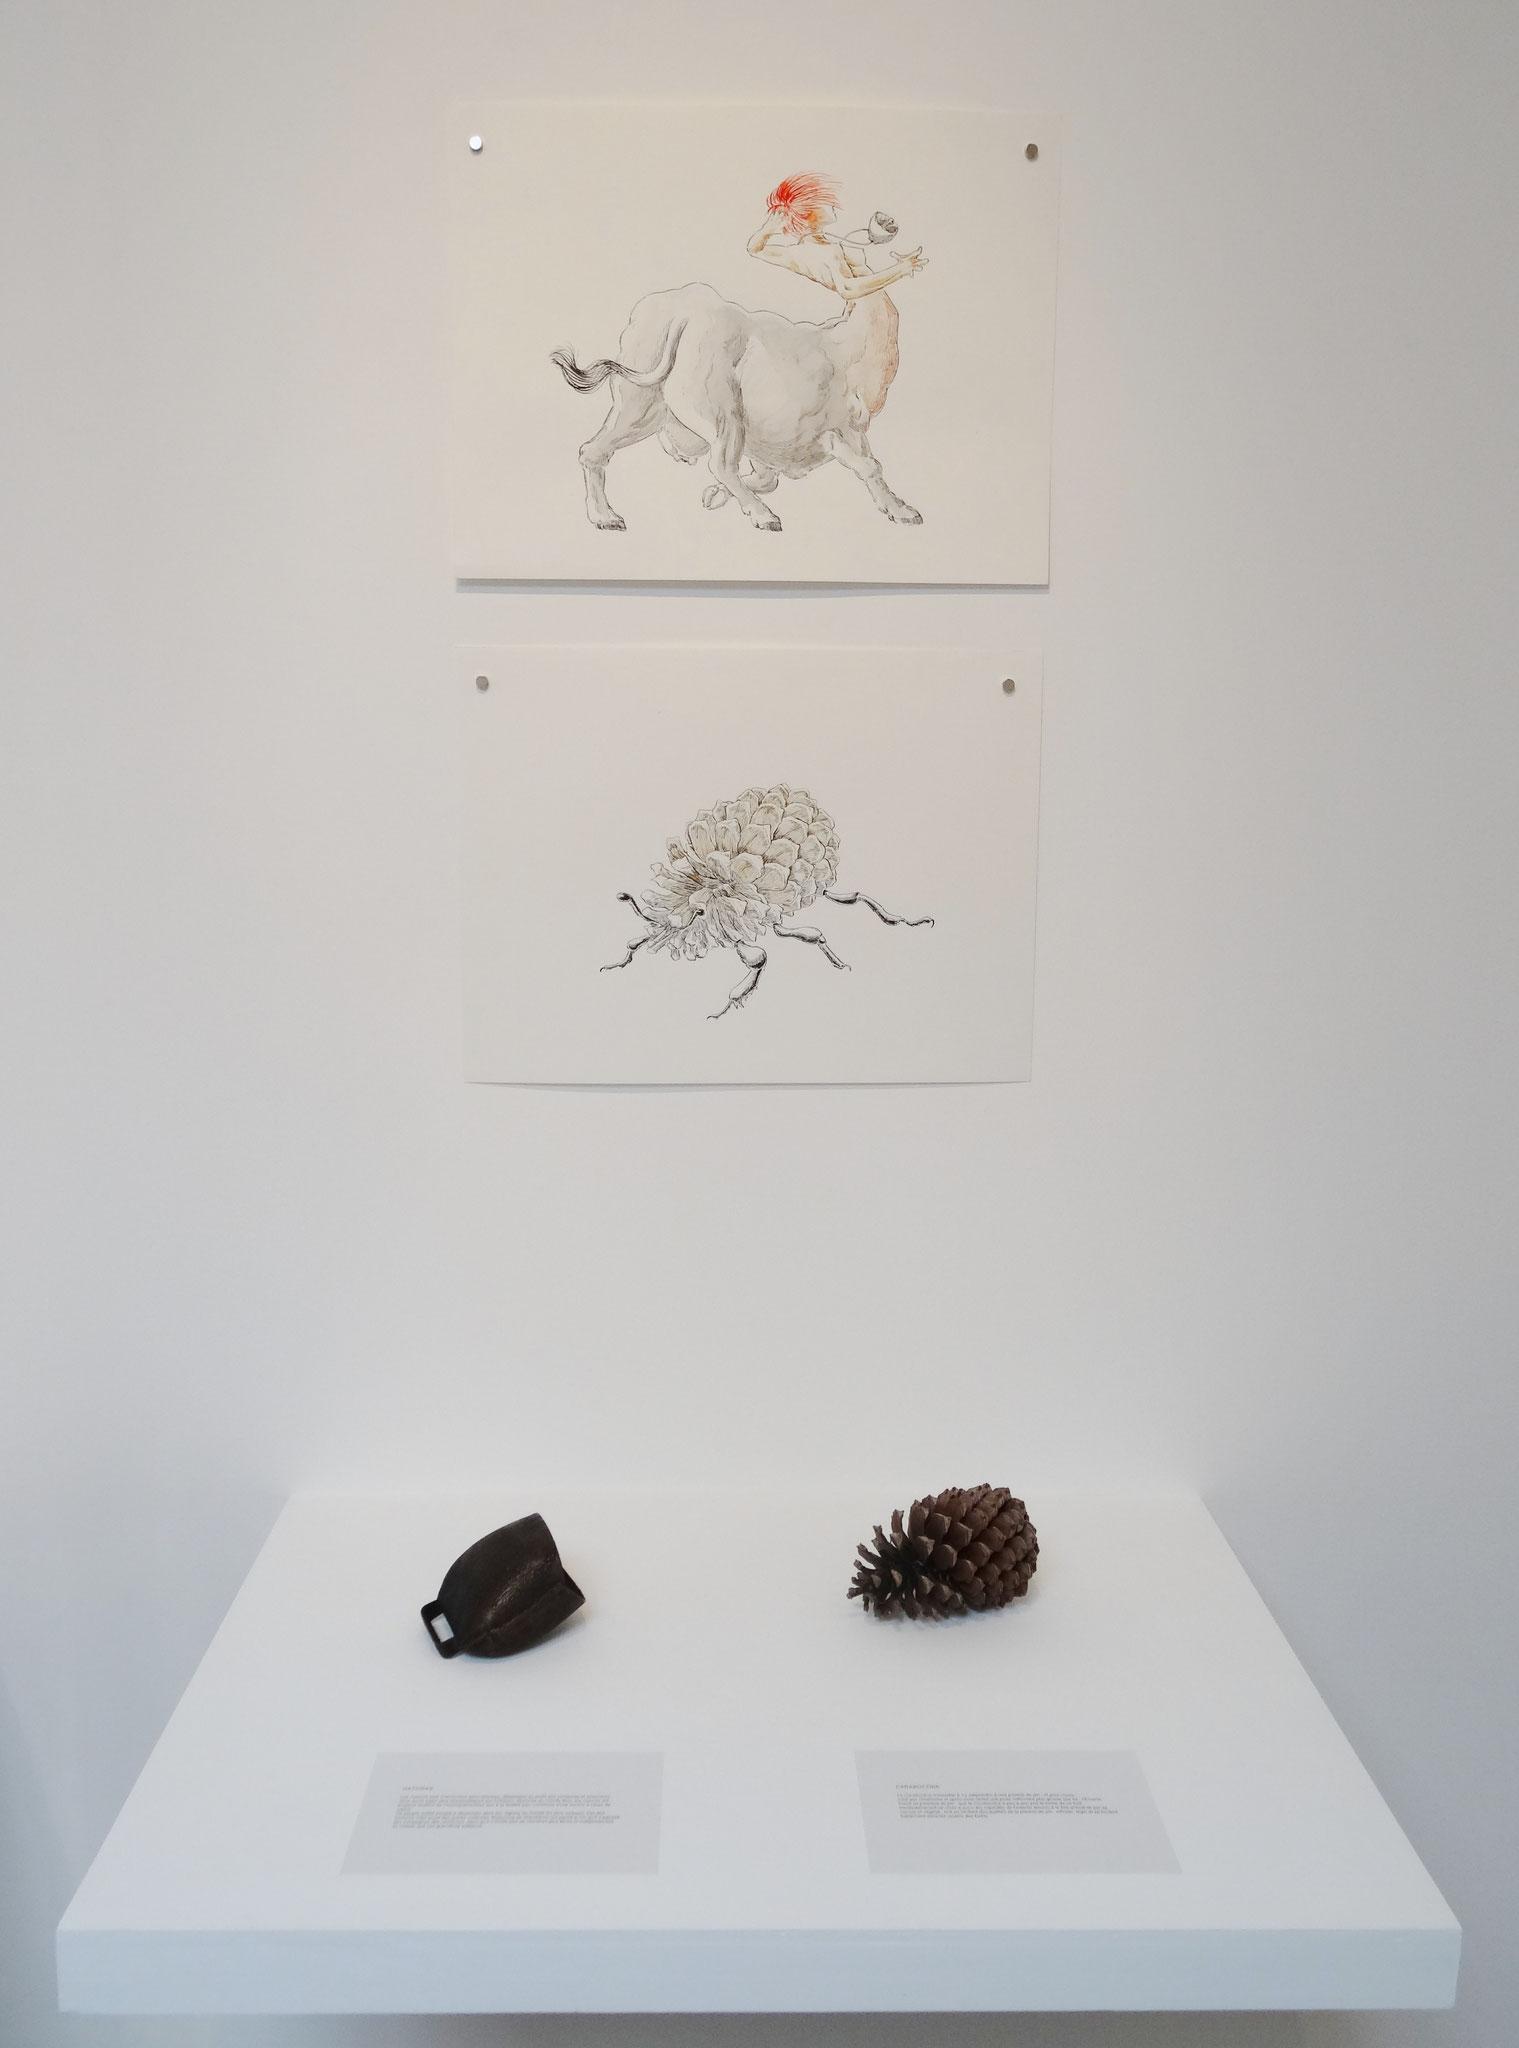 En haut : Noël Rasendrason, Hatoras, 2016. Encre et aquarelle sur papier Arches 300 gr., 31 × 41 cm. En bas : Noël Rasendrason, Carabocône, 2016. Encre sur papier Arches 300 gr., 31 × 41 cm.